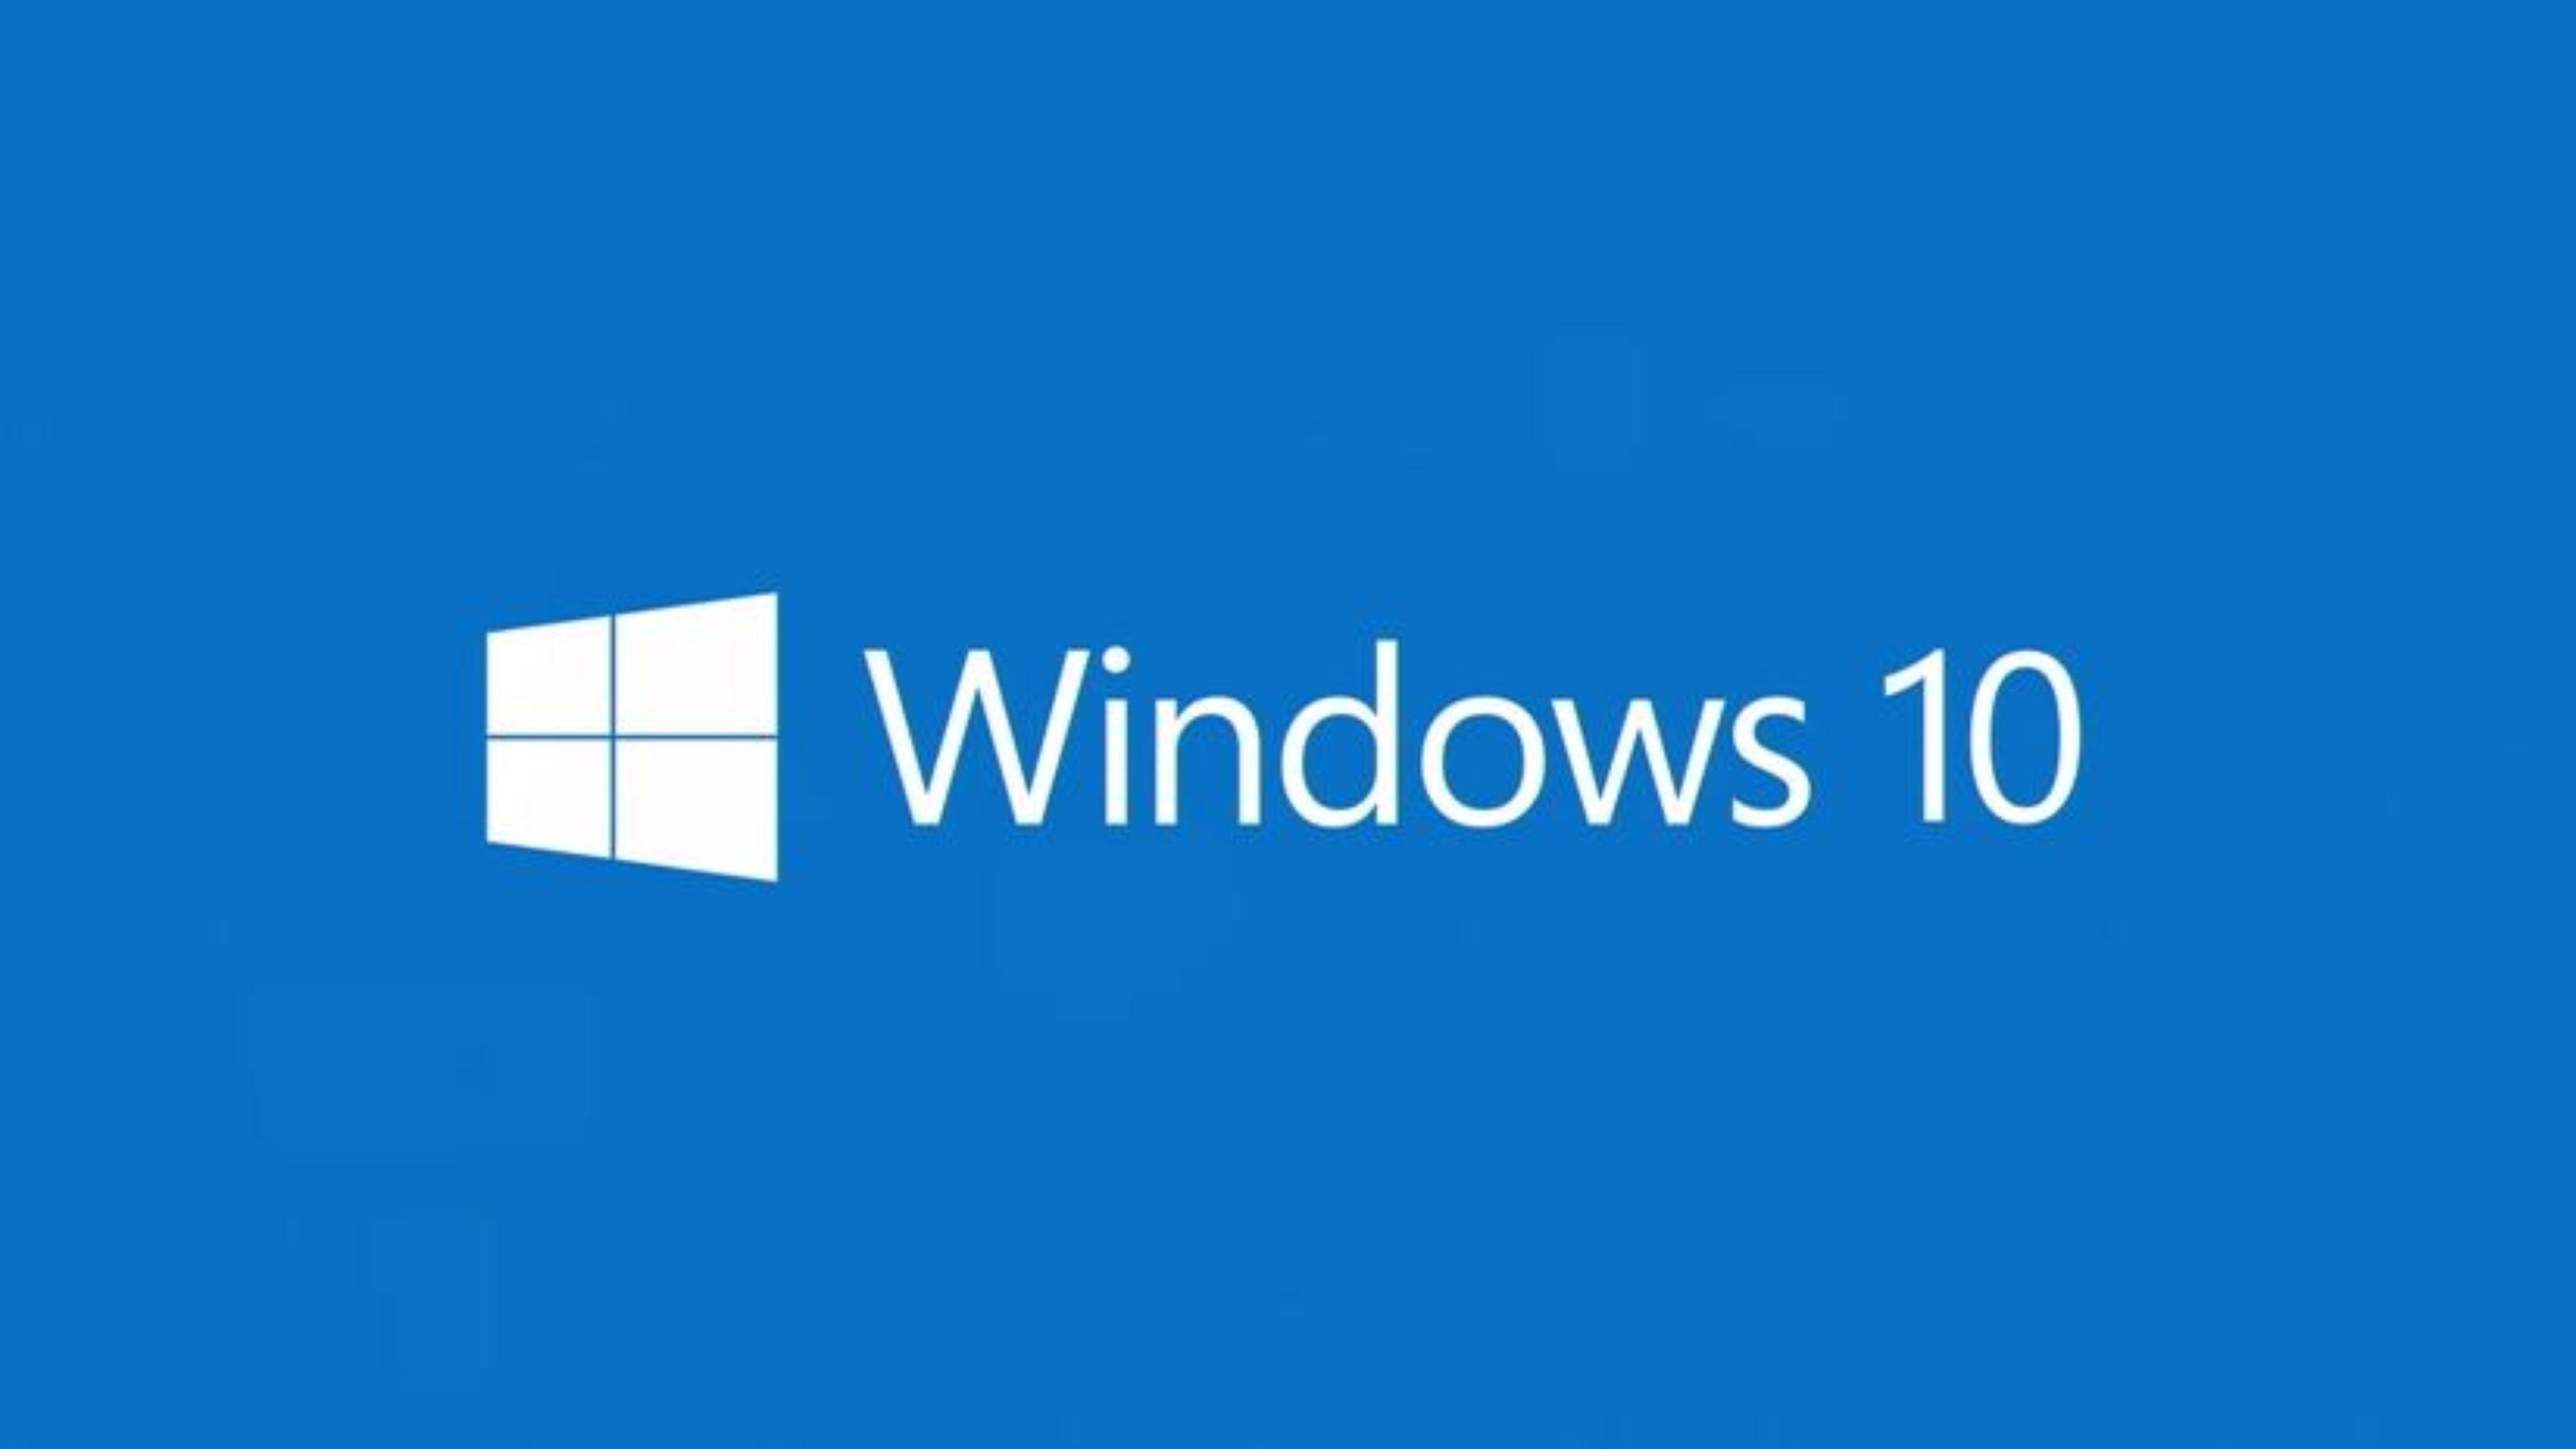 Windows 10 Pro, Home ou S: qual a melhor opção para você?